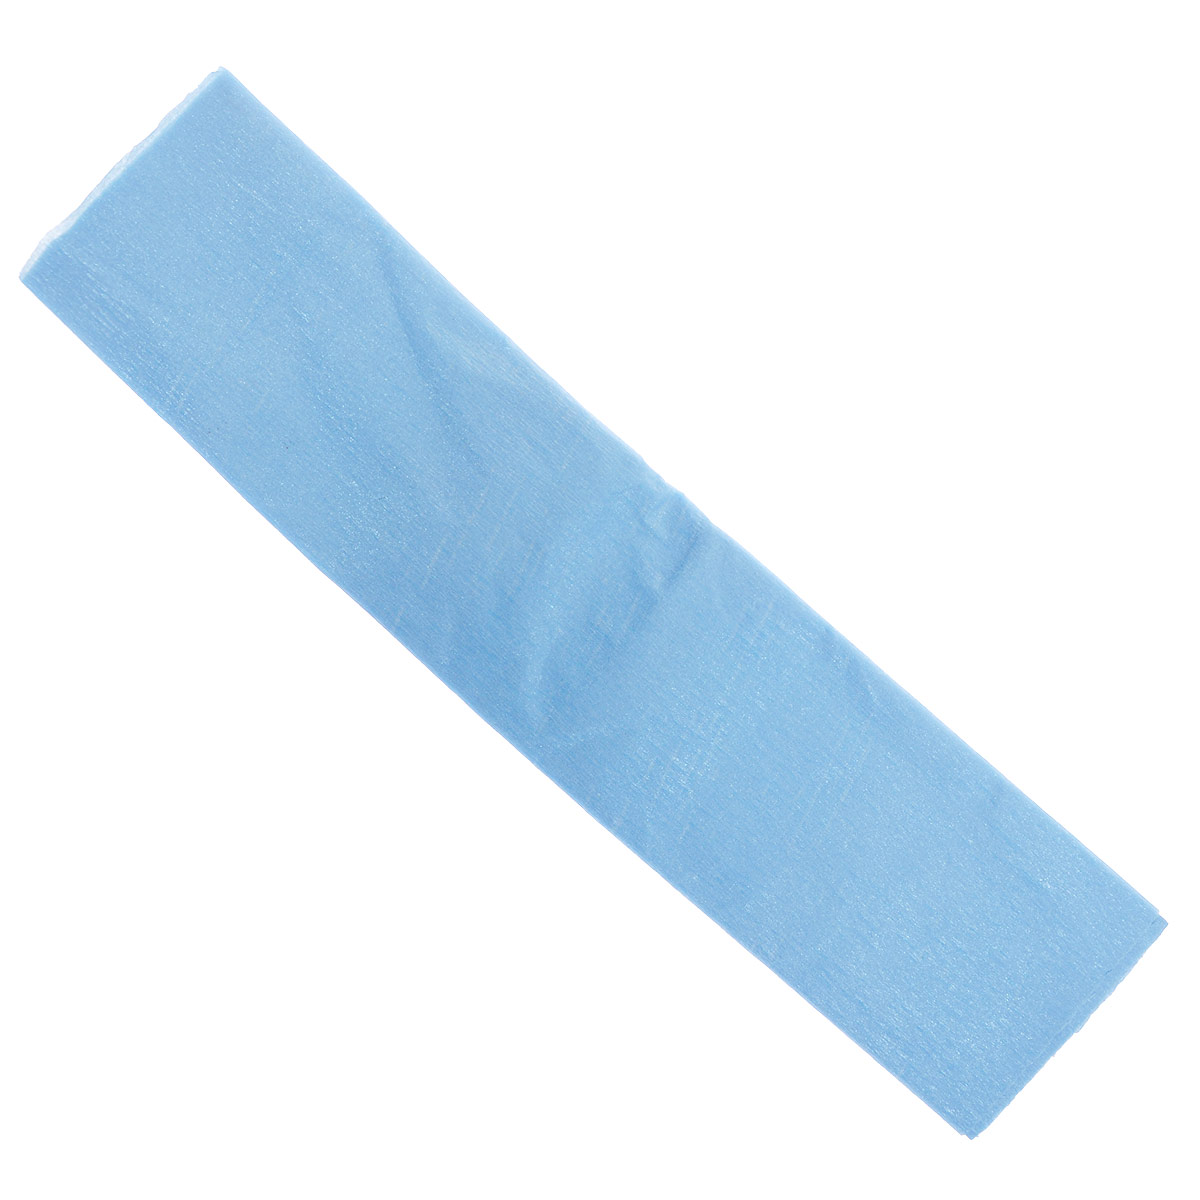 Крепированная бумага Hatber, перламутровая, цвет: голубой, 5 см х 25 смБк2пл_00025Цветная крепированная бумага Hatber - отличный вариант для развития творчества вашего ребенка. Бумага с фактурным покрытием очень гибкая и мягкая, из нее можно создавать чудесные аппликации, игрушки, подарки и объемные поделки.Цветная крепированная бумага Hatber способствует развитию фантазии, цветовосприятия и мелкой моторики рук.Размер бумаги - 5 см х 25 см.